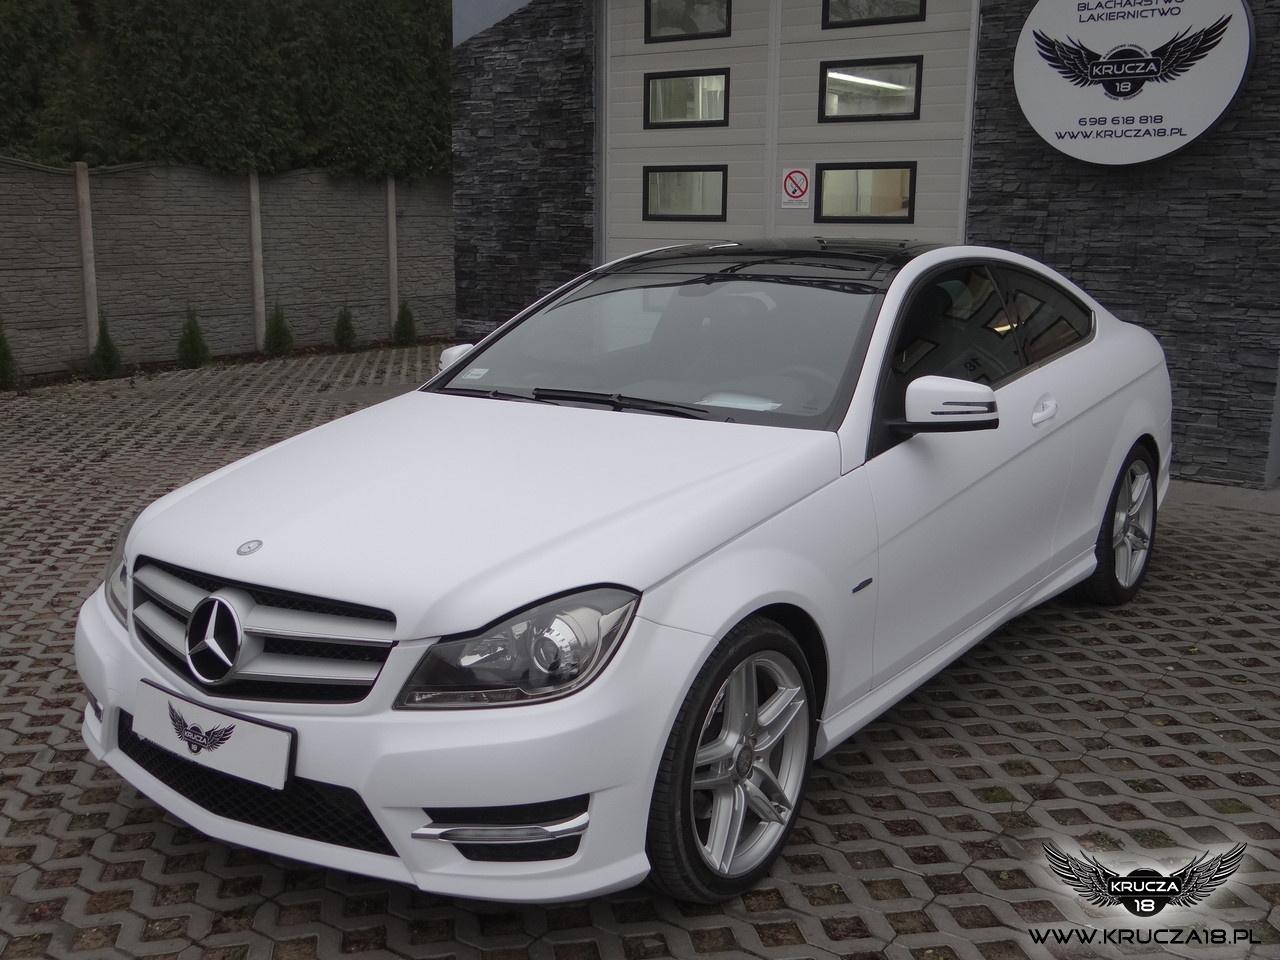 Mercedes - zmiana koloru folią - biały mat